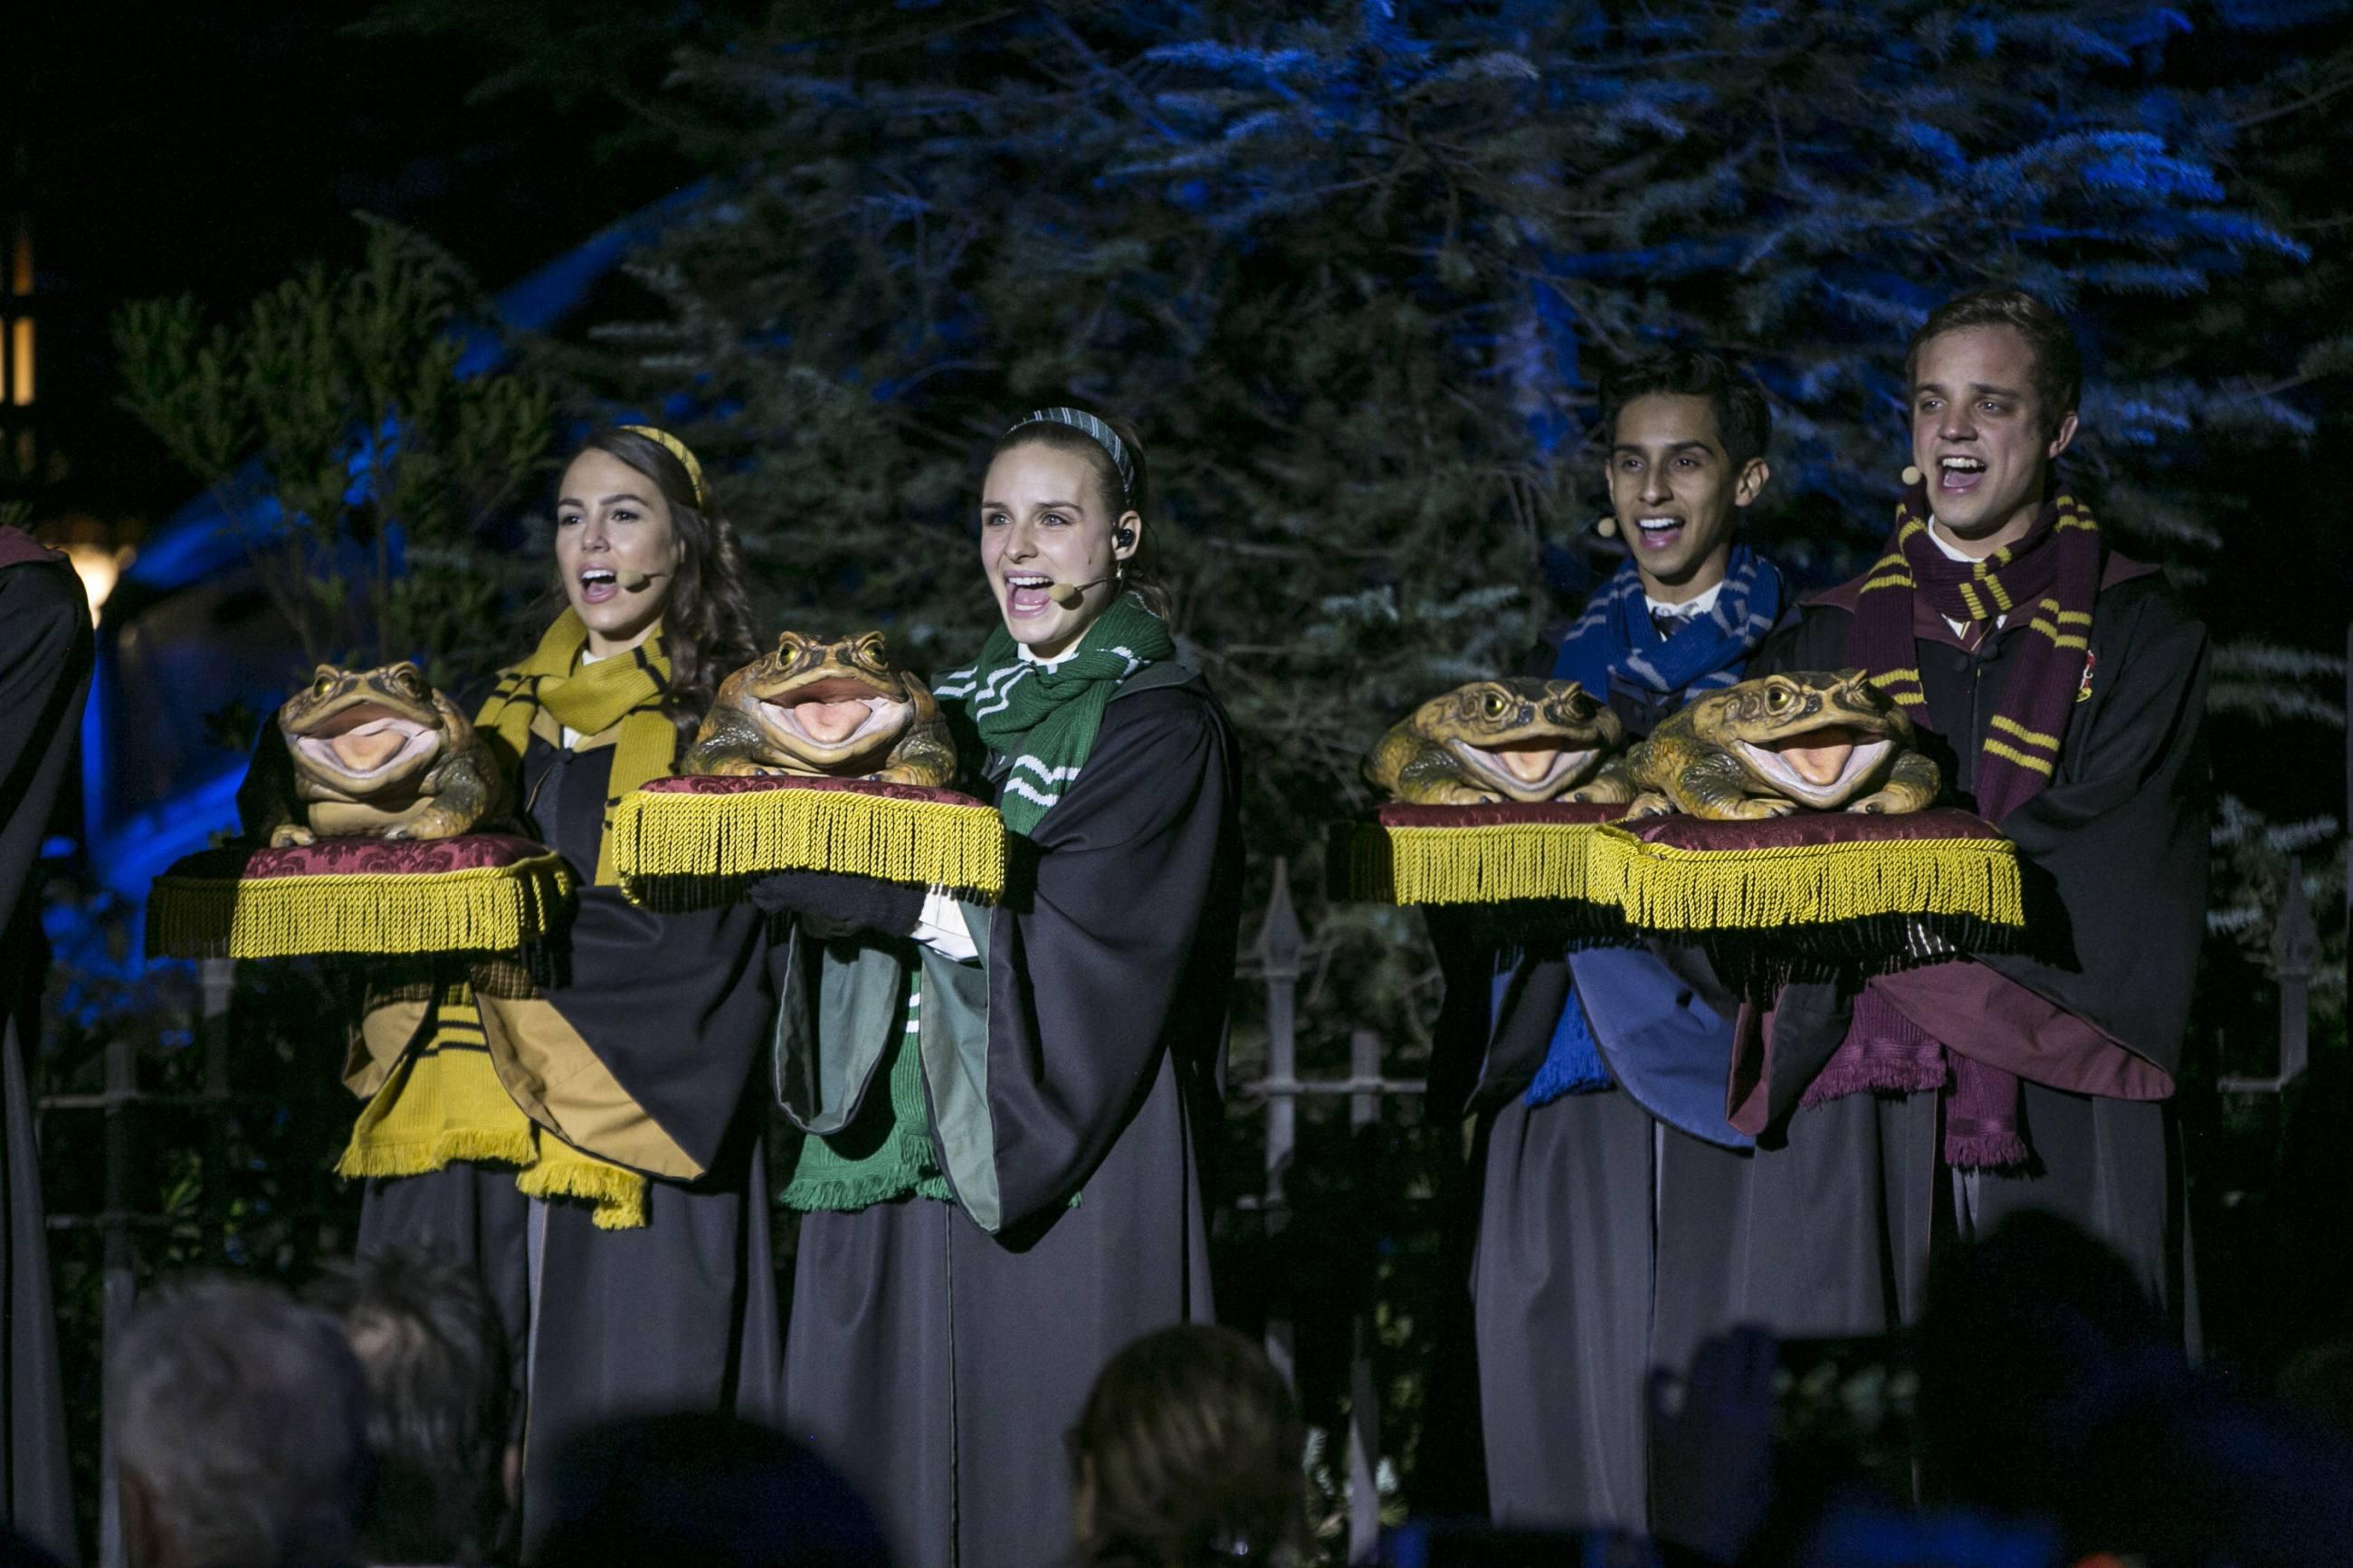 Holiday Frog Choir at Universal Studios Hollywood